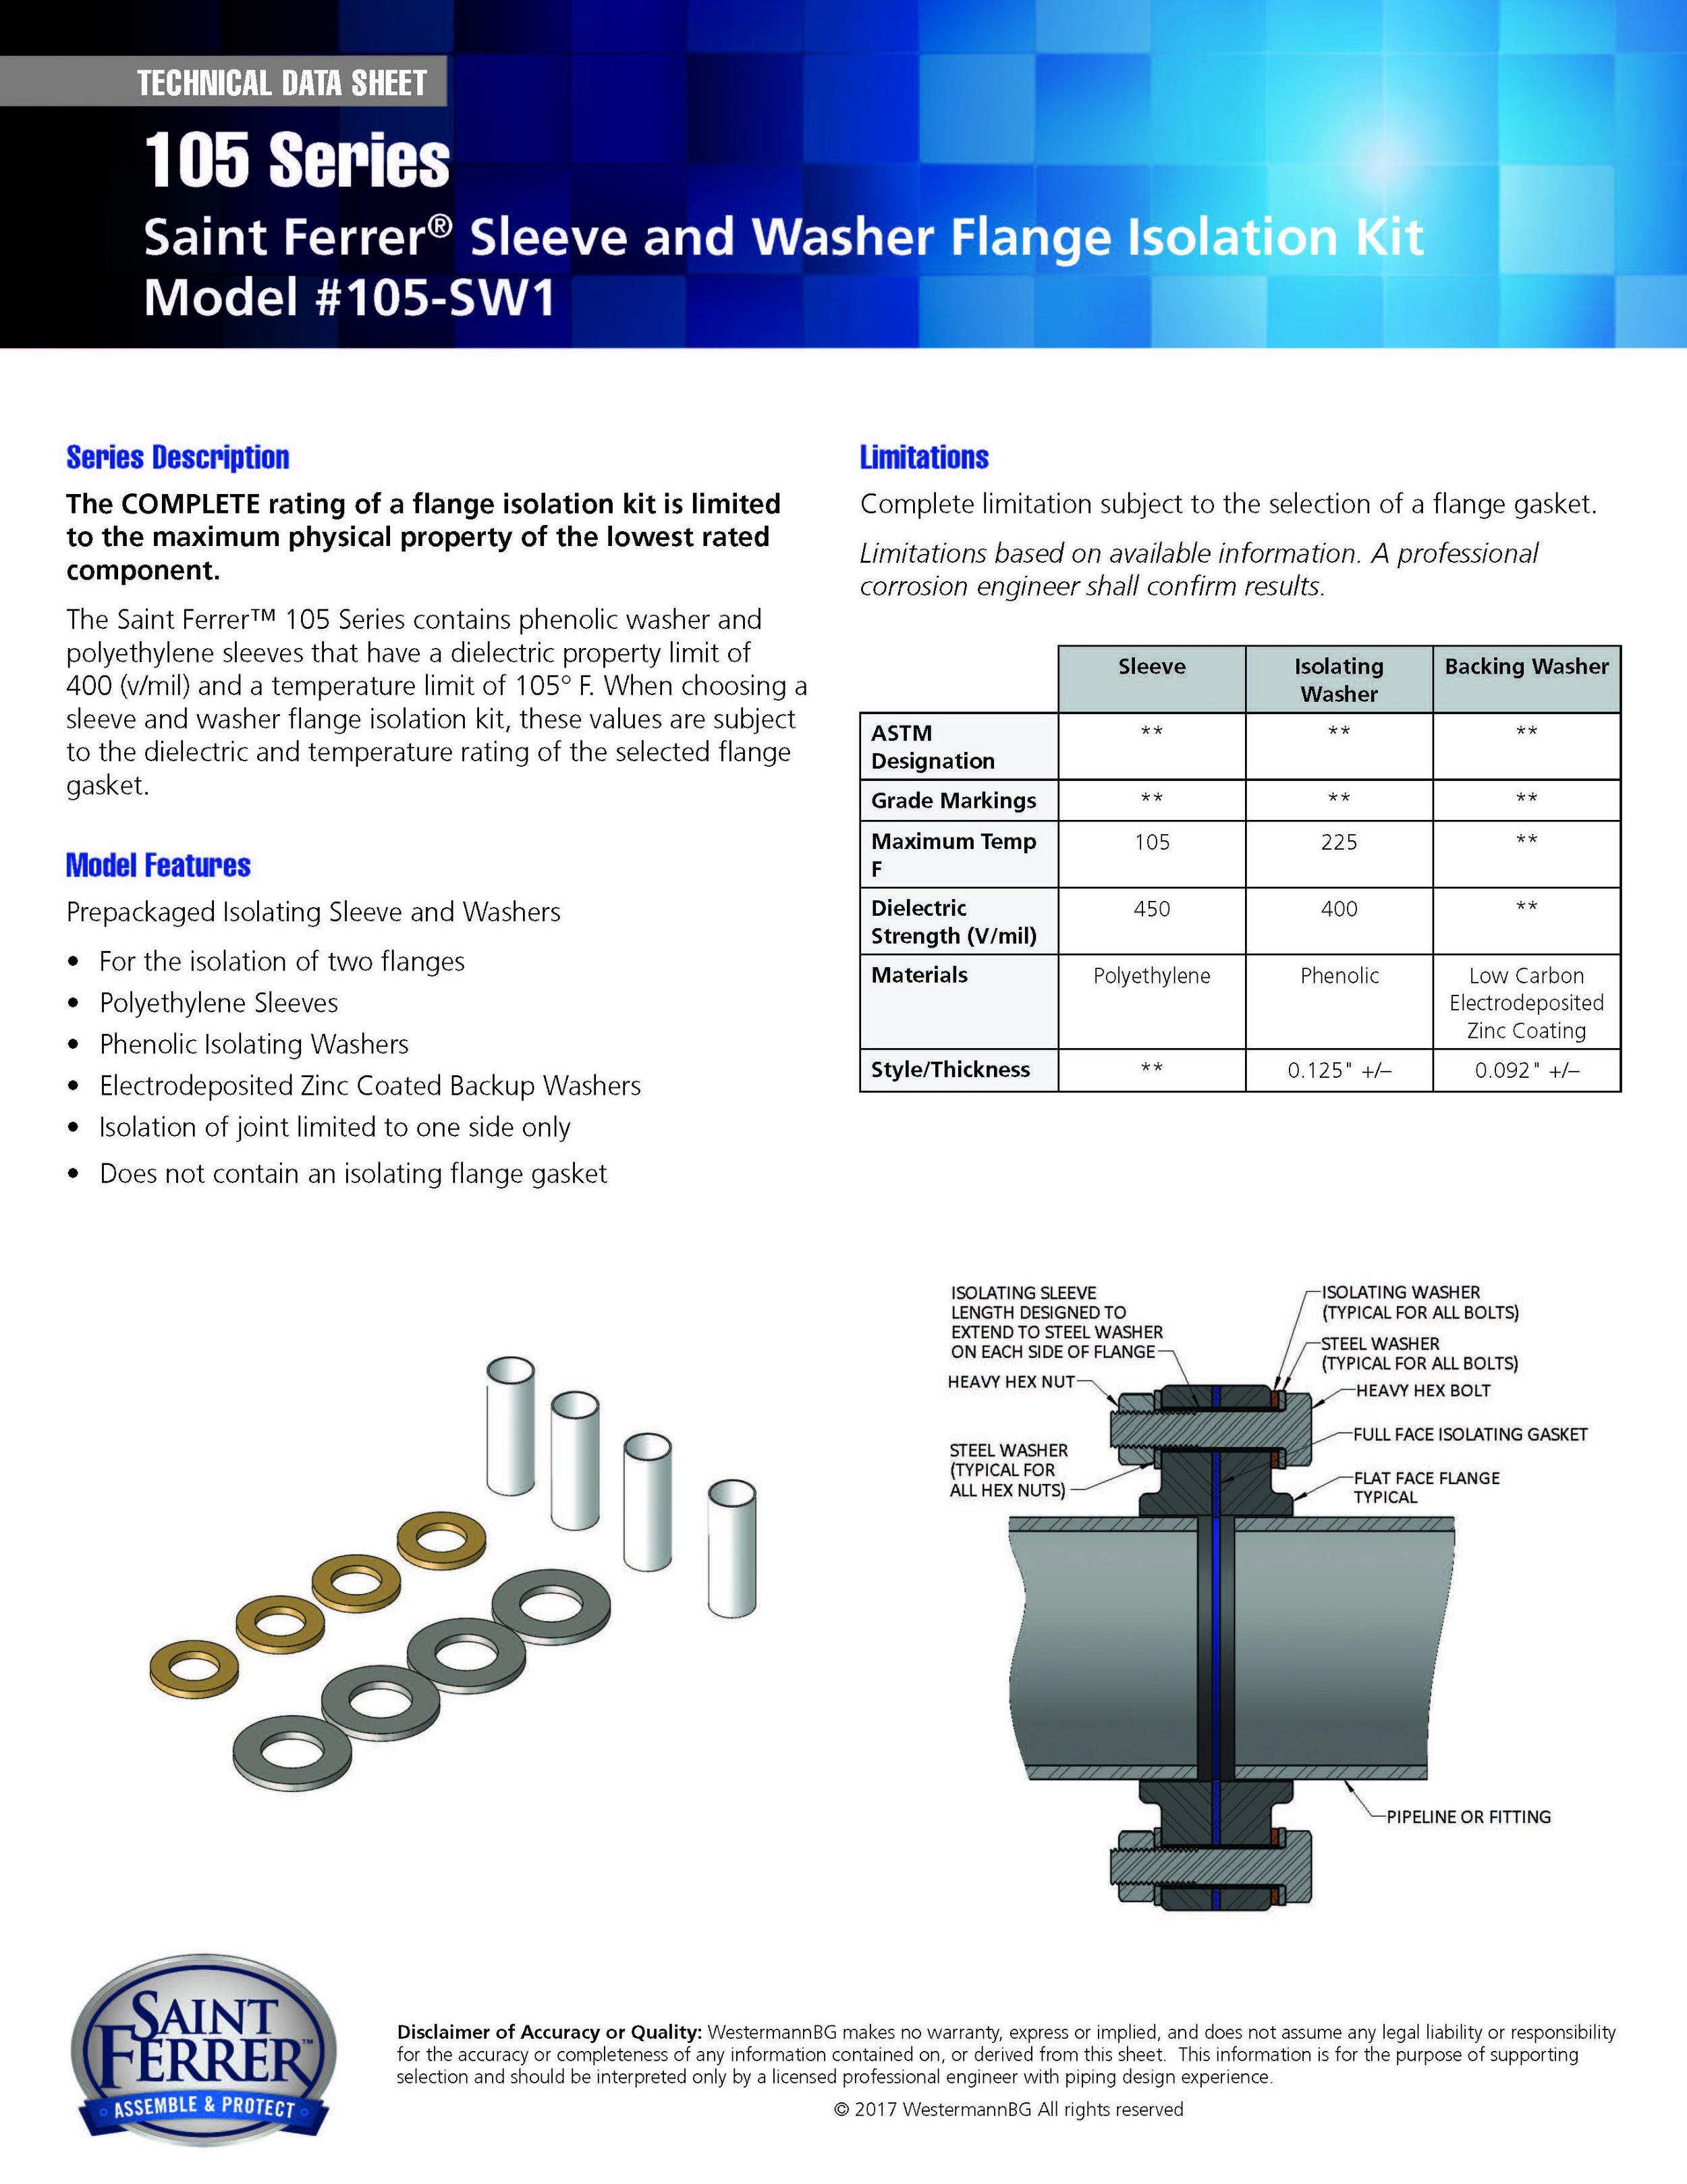 SF_Data_Sheet_105_Series_105-SW1.jpg